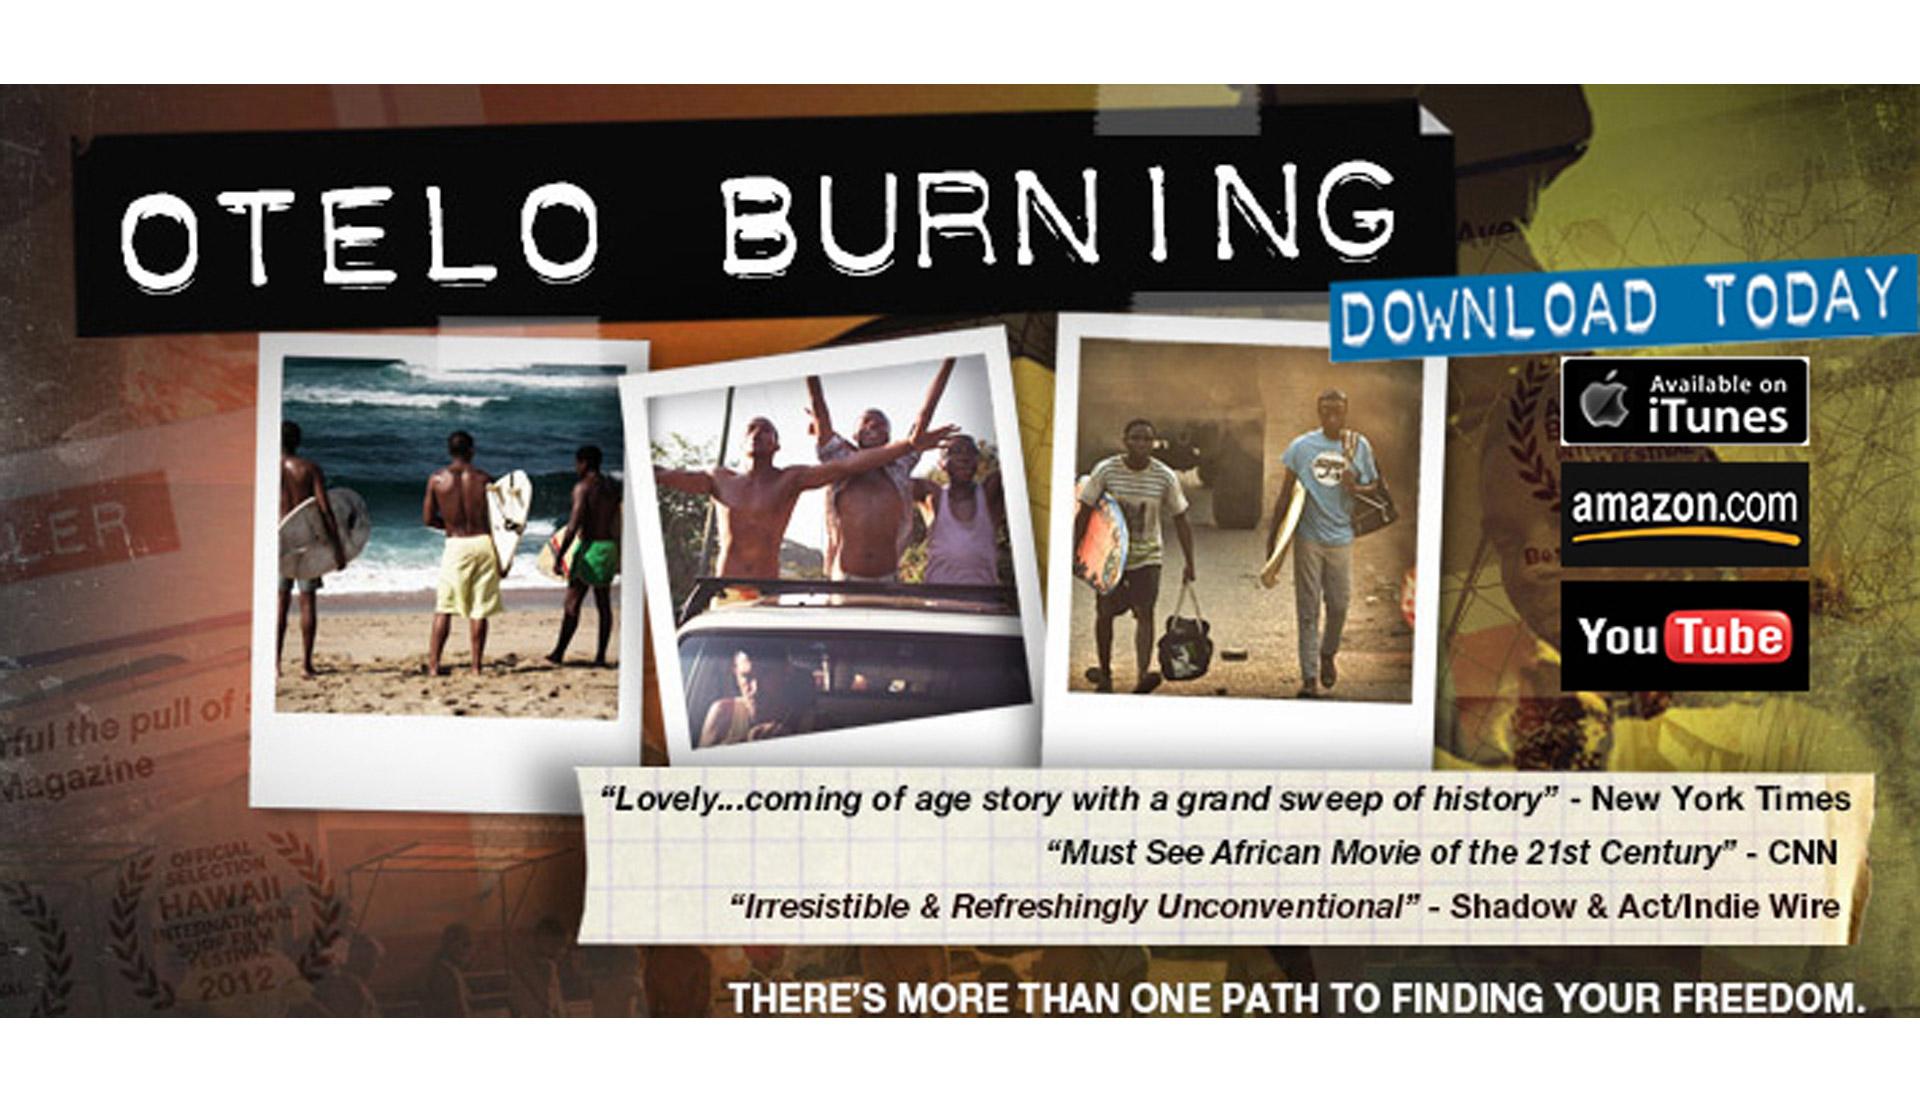 Otelo-burning-2.jpg